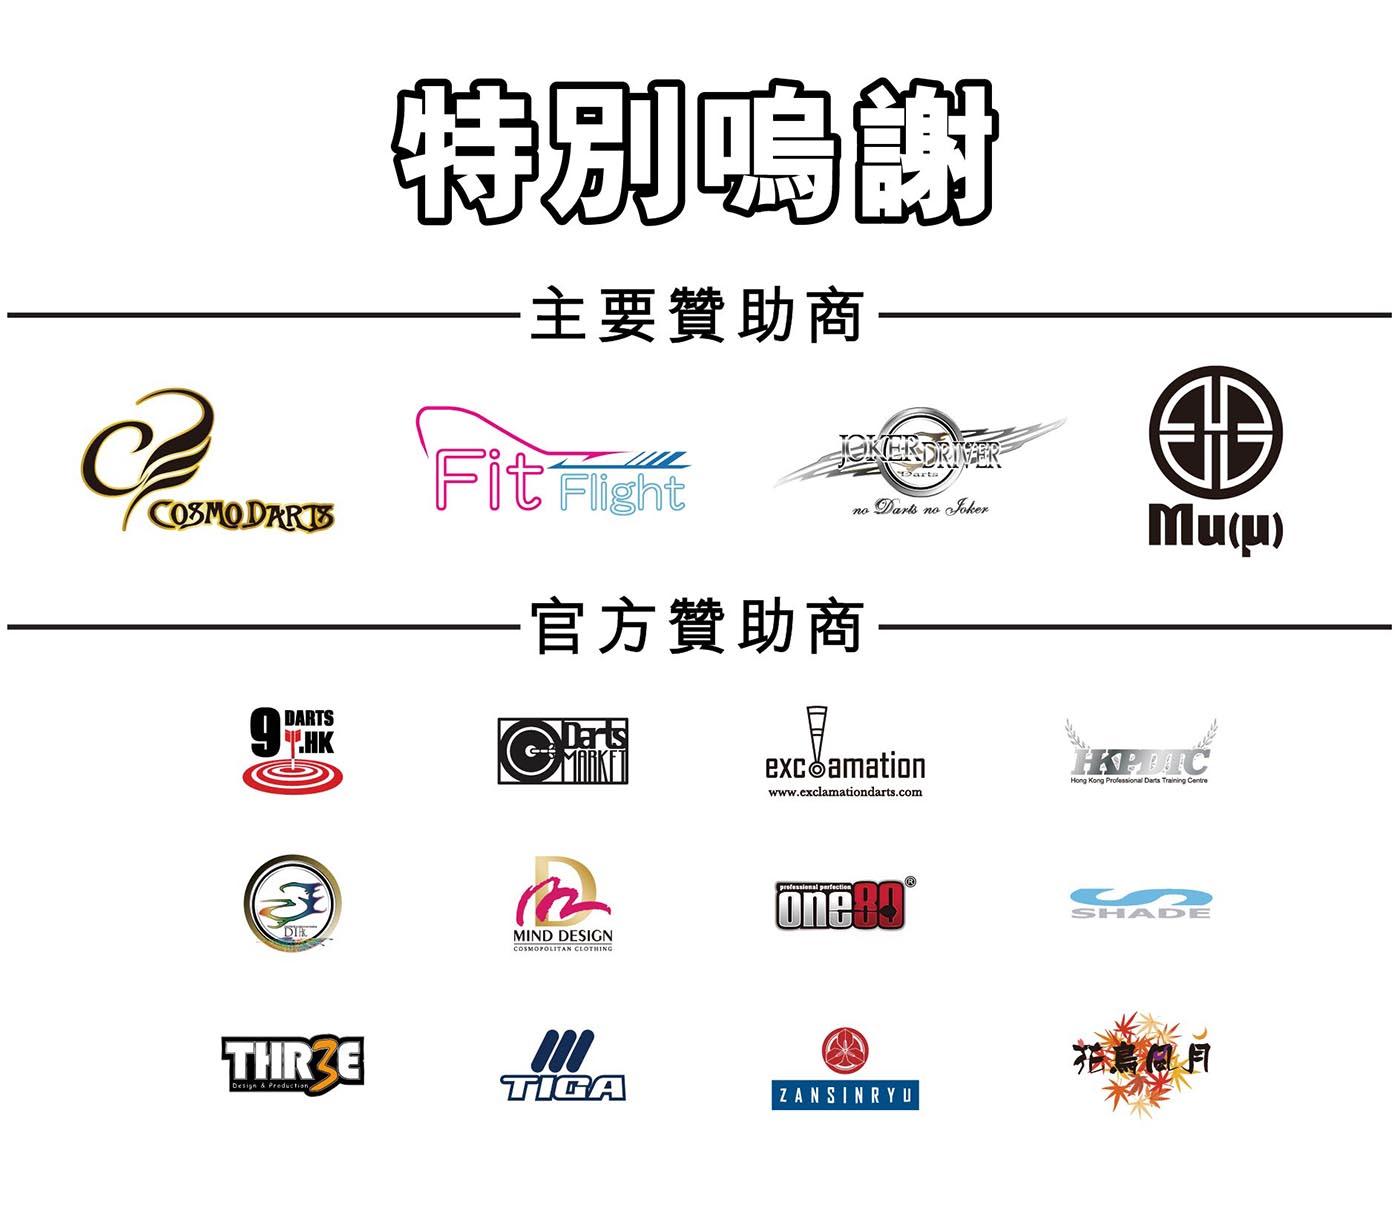 HKTCS 2017 Sponsors